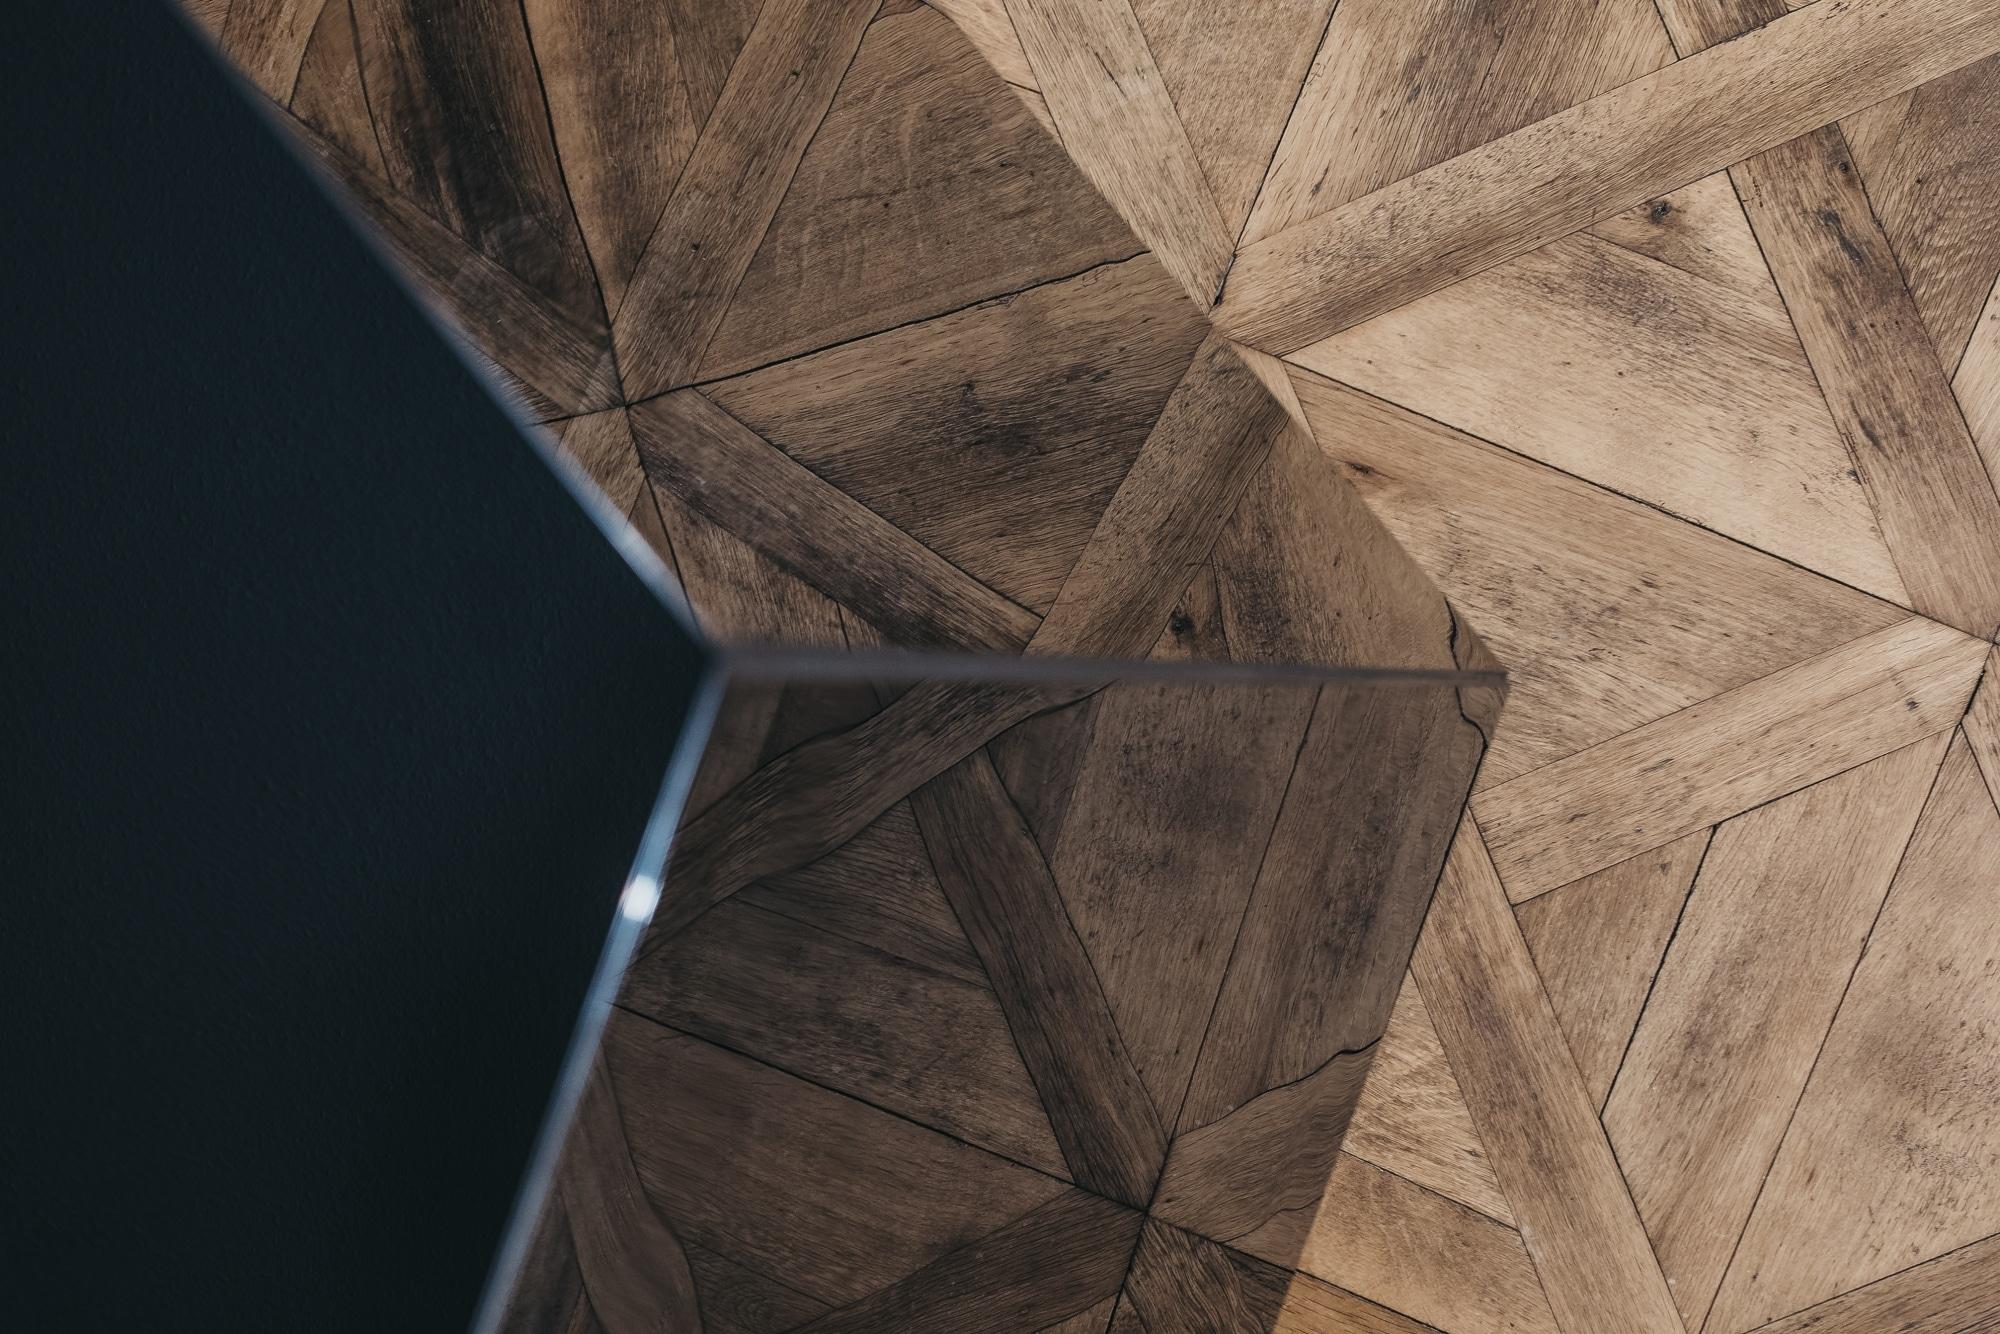 Detailfoto eines schwarzen Diamanten, als Infrarotheizung der Firma Redwell.